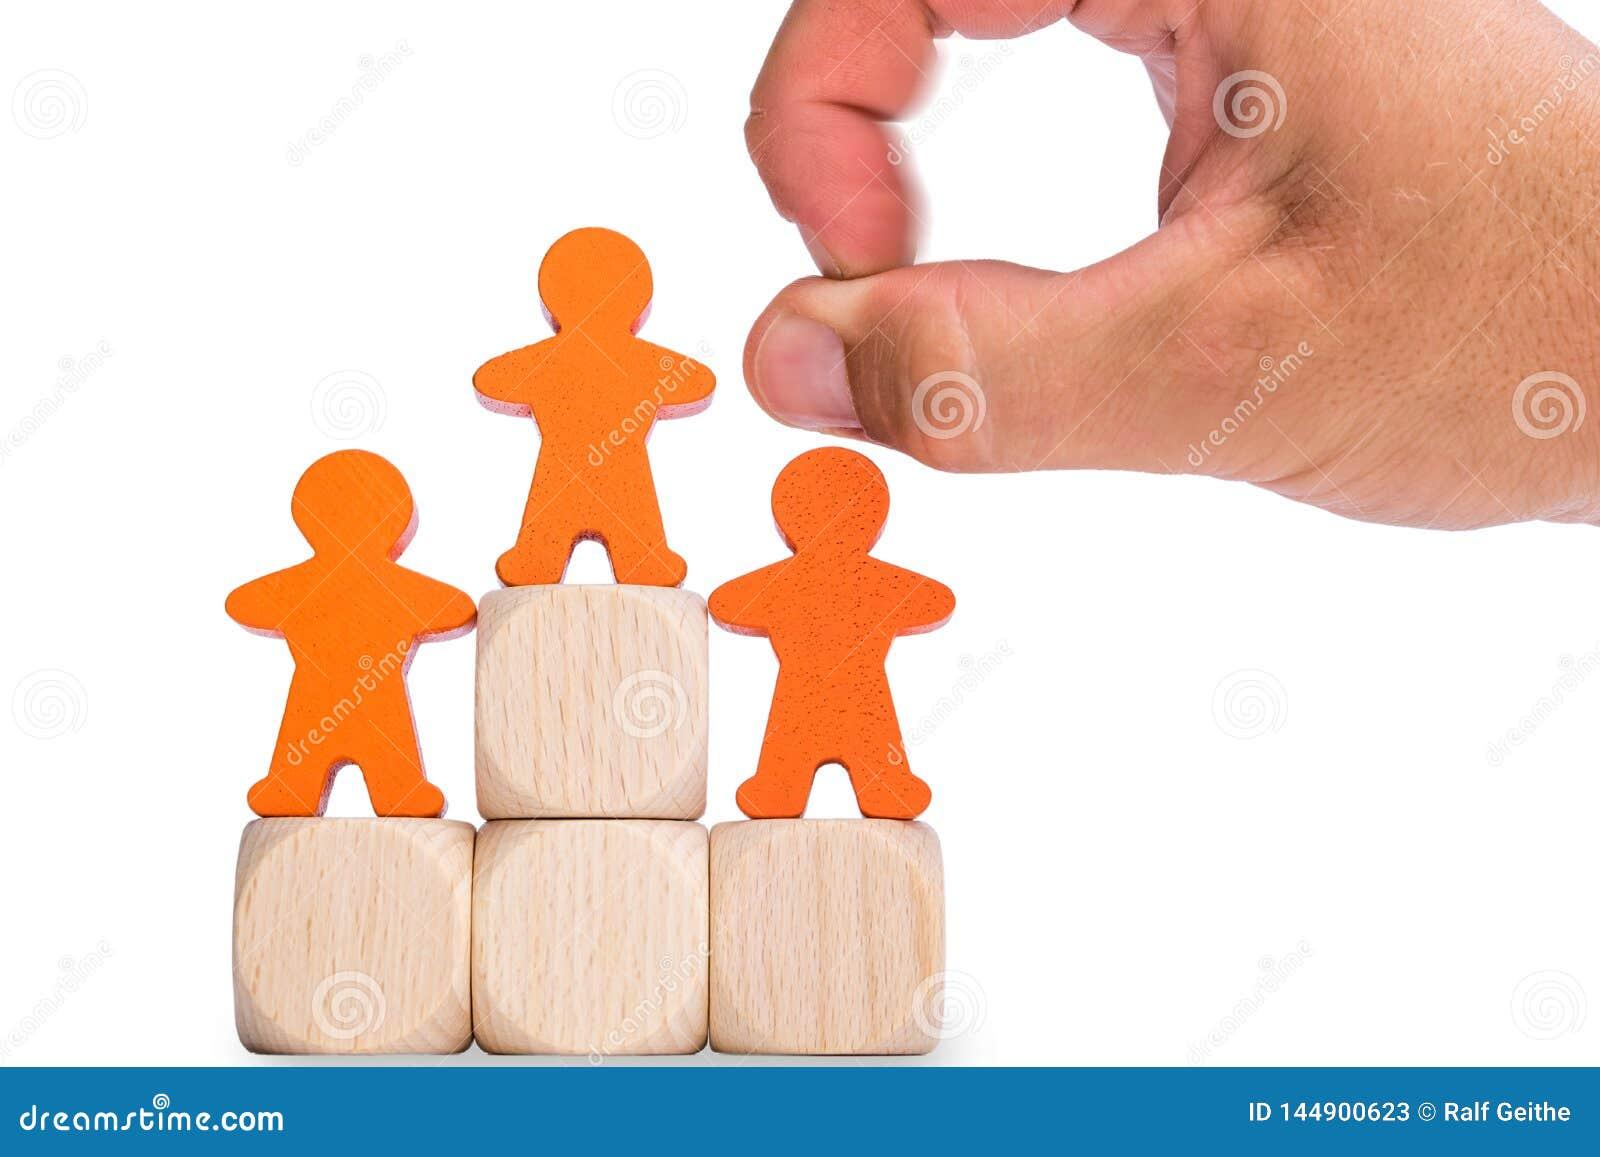 Remplacement d exécutif représenté devant le mâle en bois devant le fond blanc